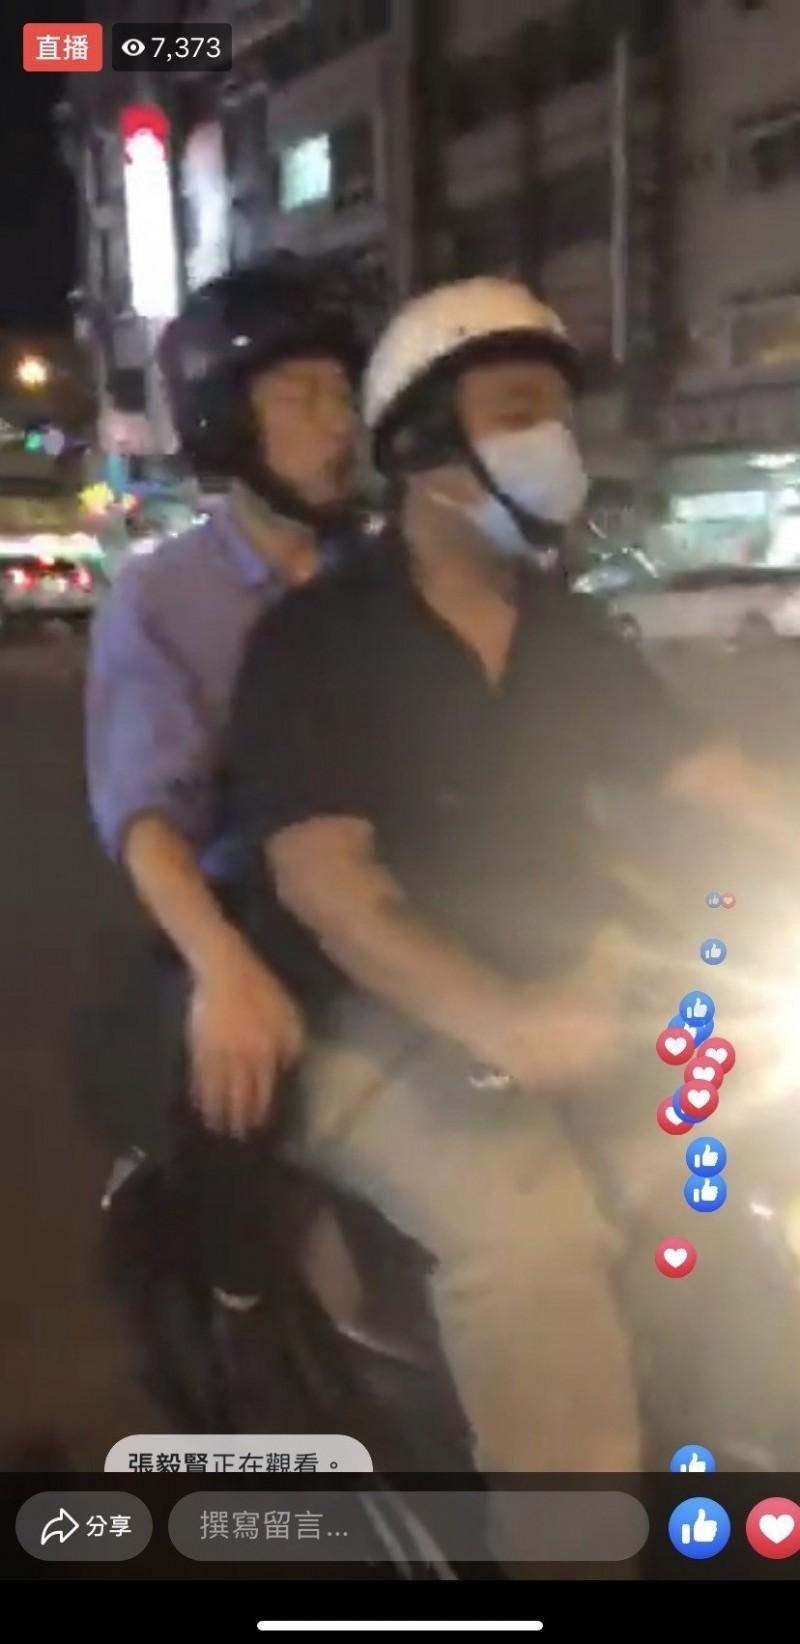 韓國瑜開直播騎機車「檢查」路平 陪員警臨檢酒駕